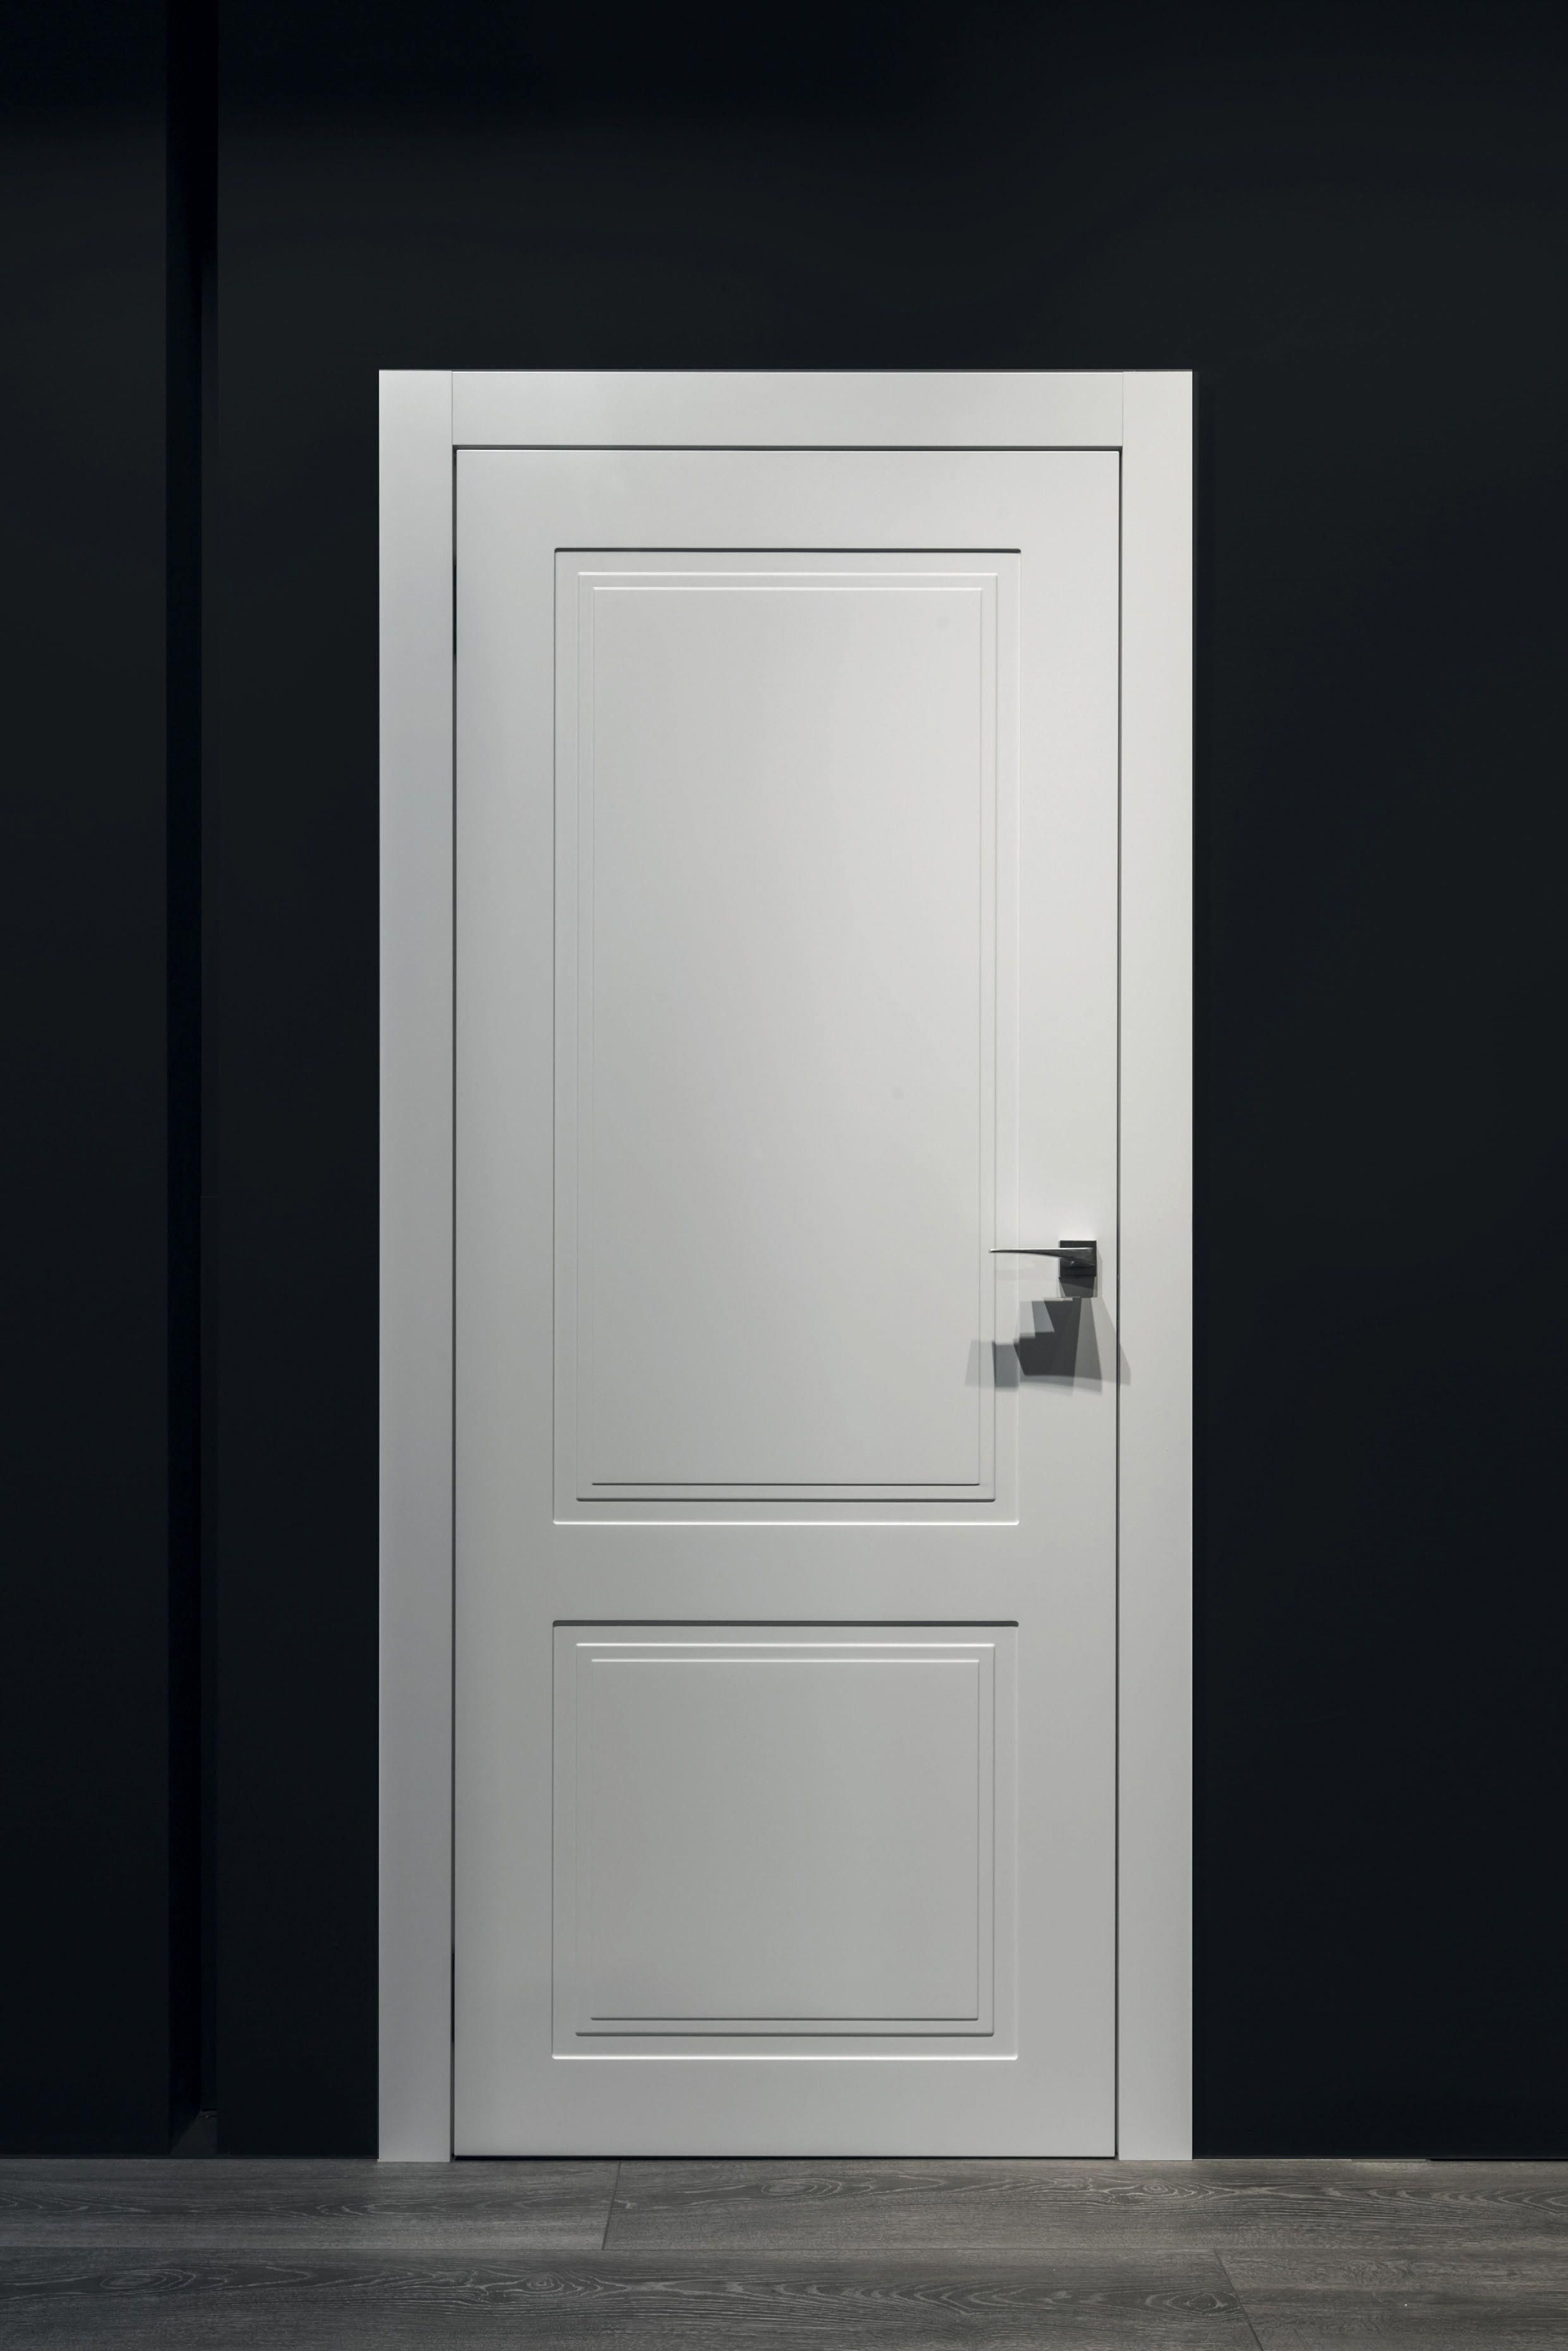 Solid Wood Internal Doors Indoor Doors For Sale 4 Panel Glass Interior Door 20190316 Doors Interior Wood Doors Interior Solid Wood Interior Door